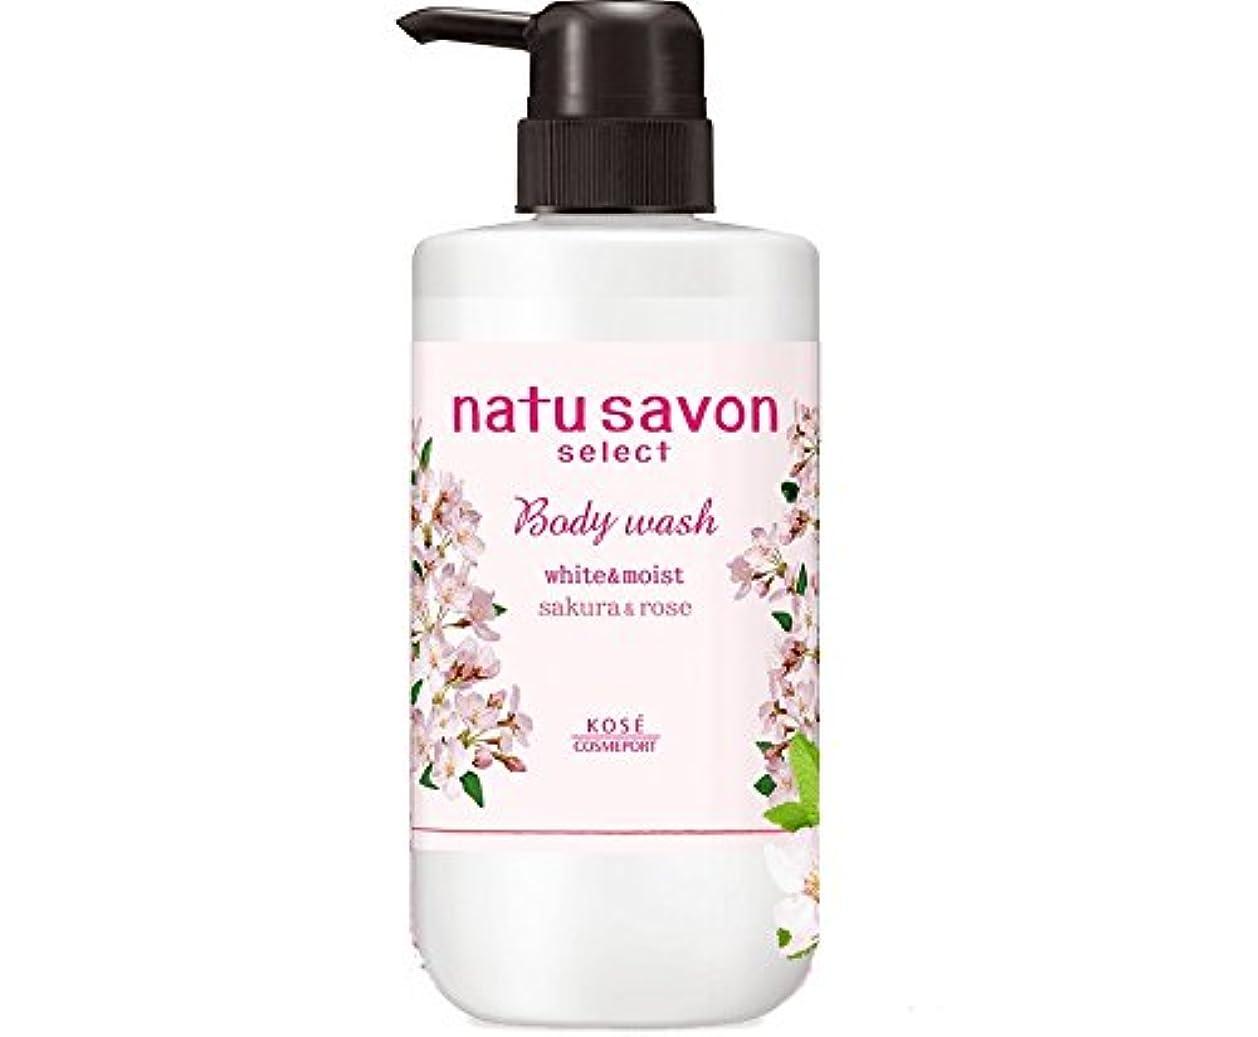 スケジュール知覚的めんどりナチュサボンセレクト ボディウォッシュ ボタニカル桜の香り white&moist(数量限定品)